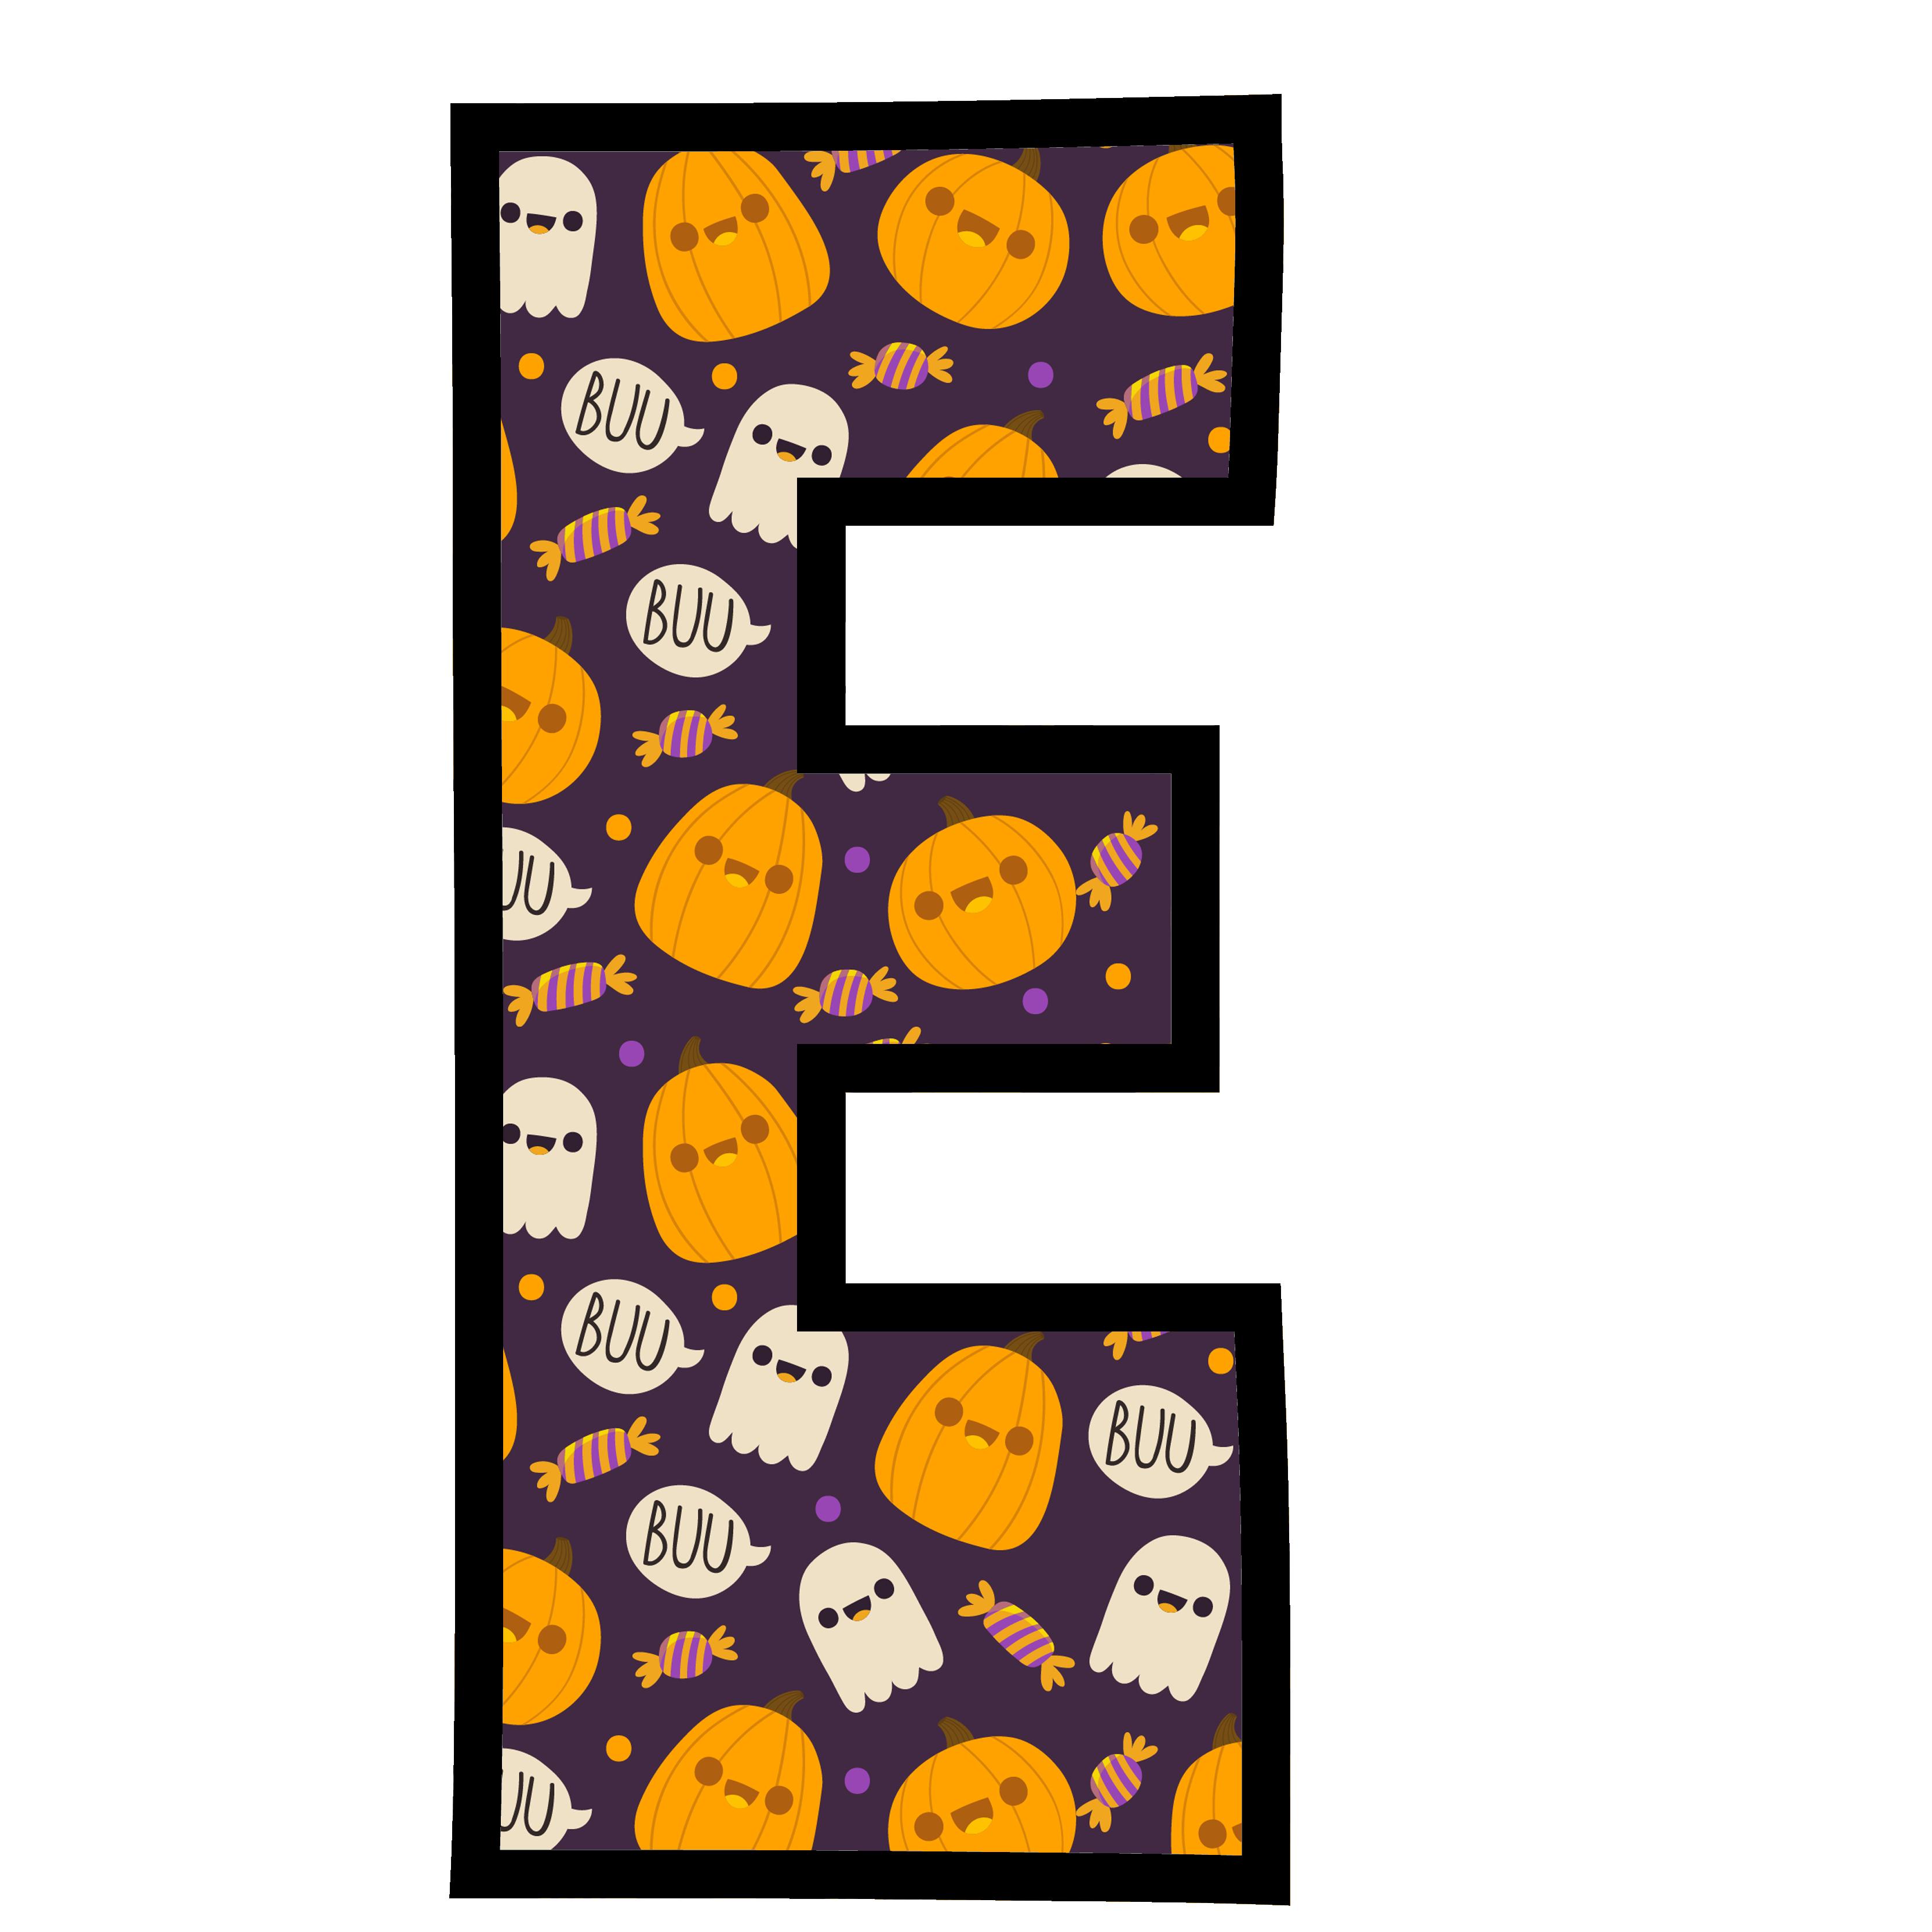 alfabeto personalizado fantasma halloween 5